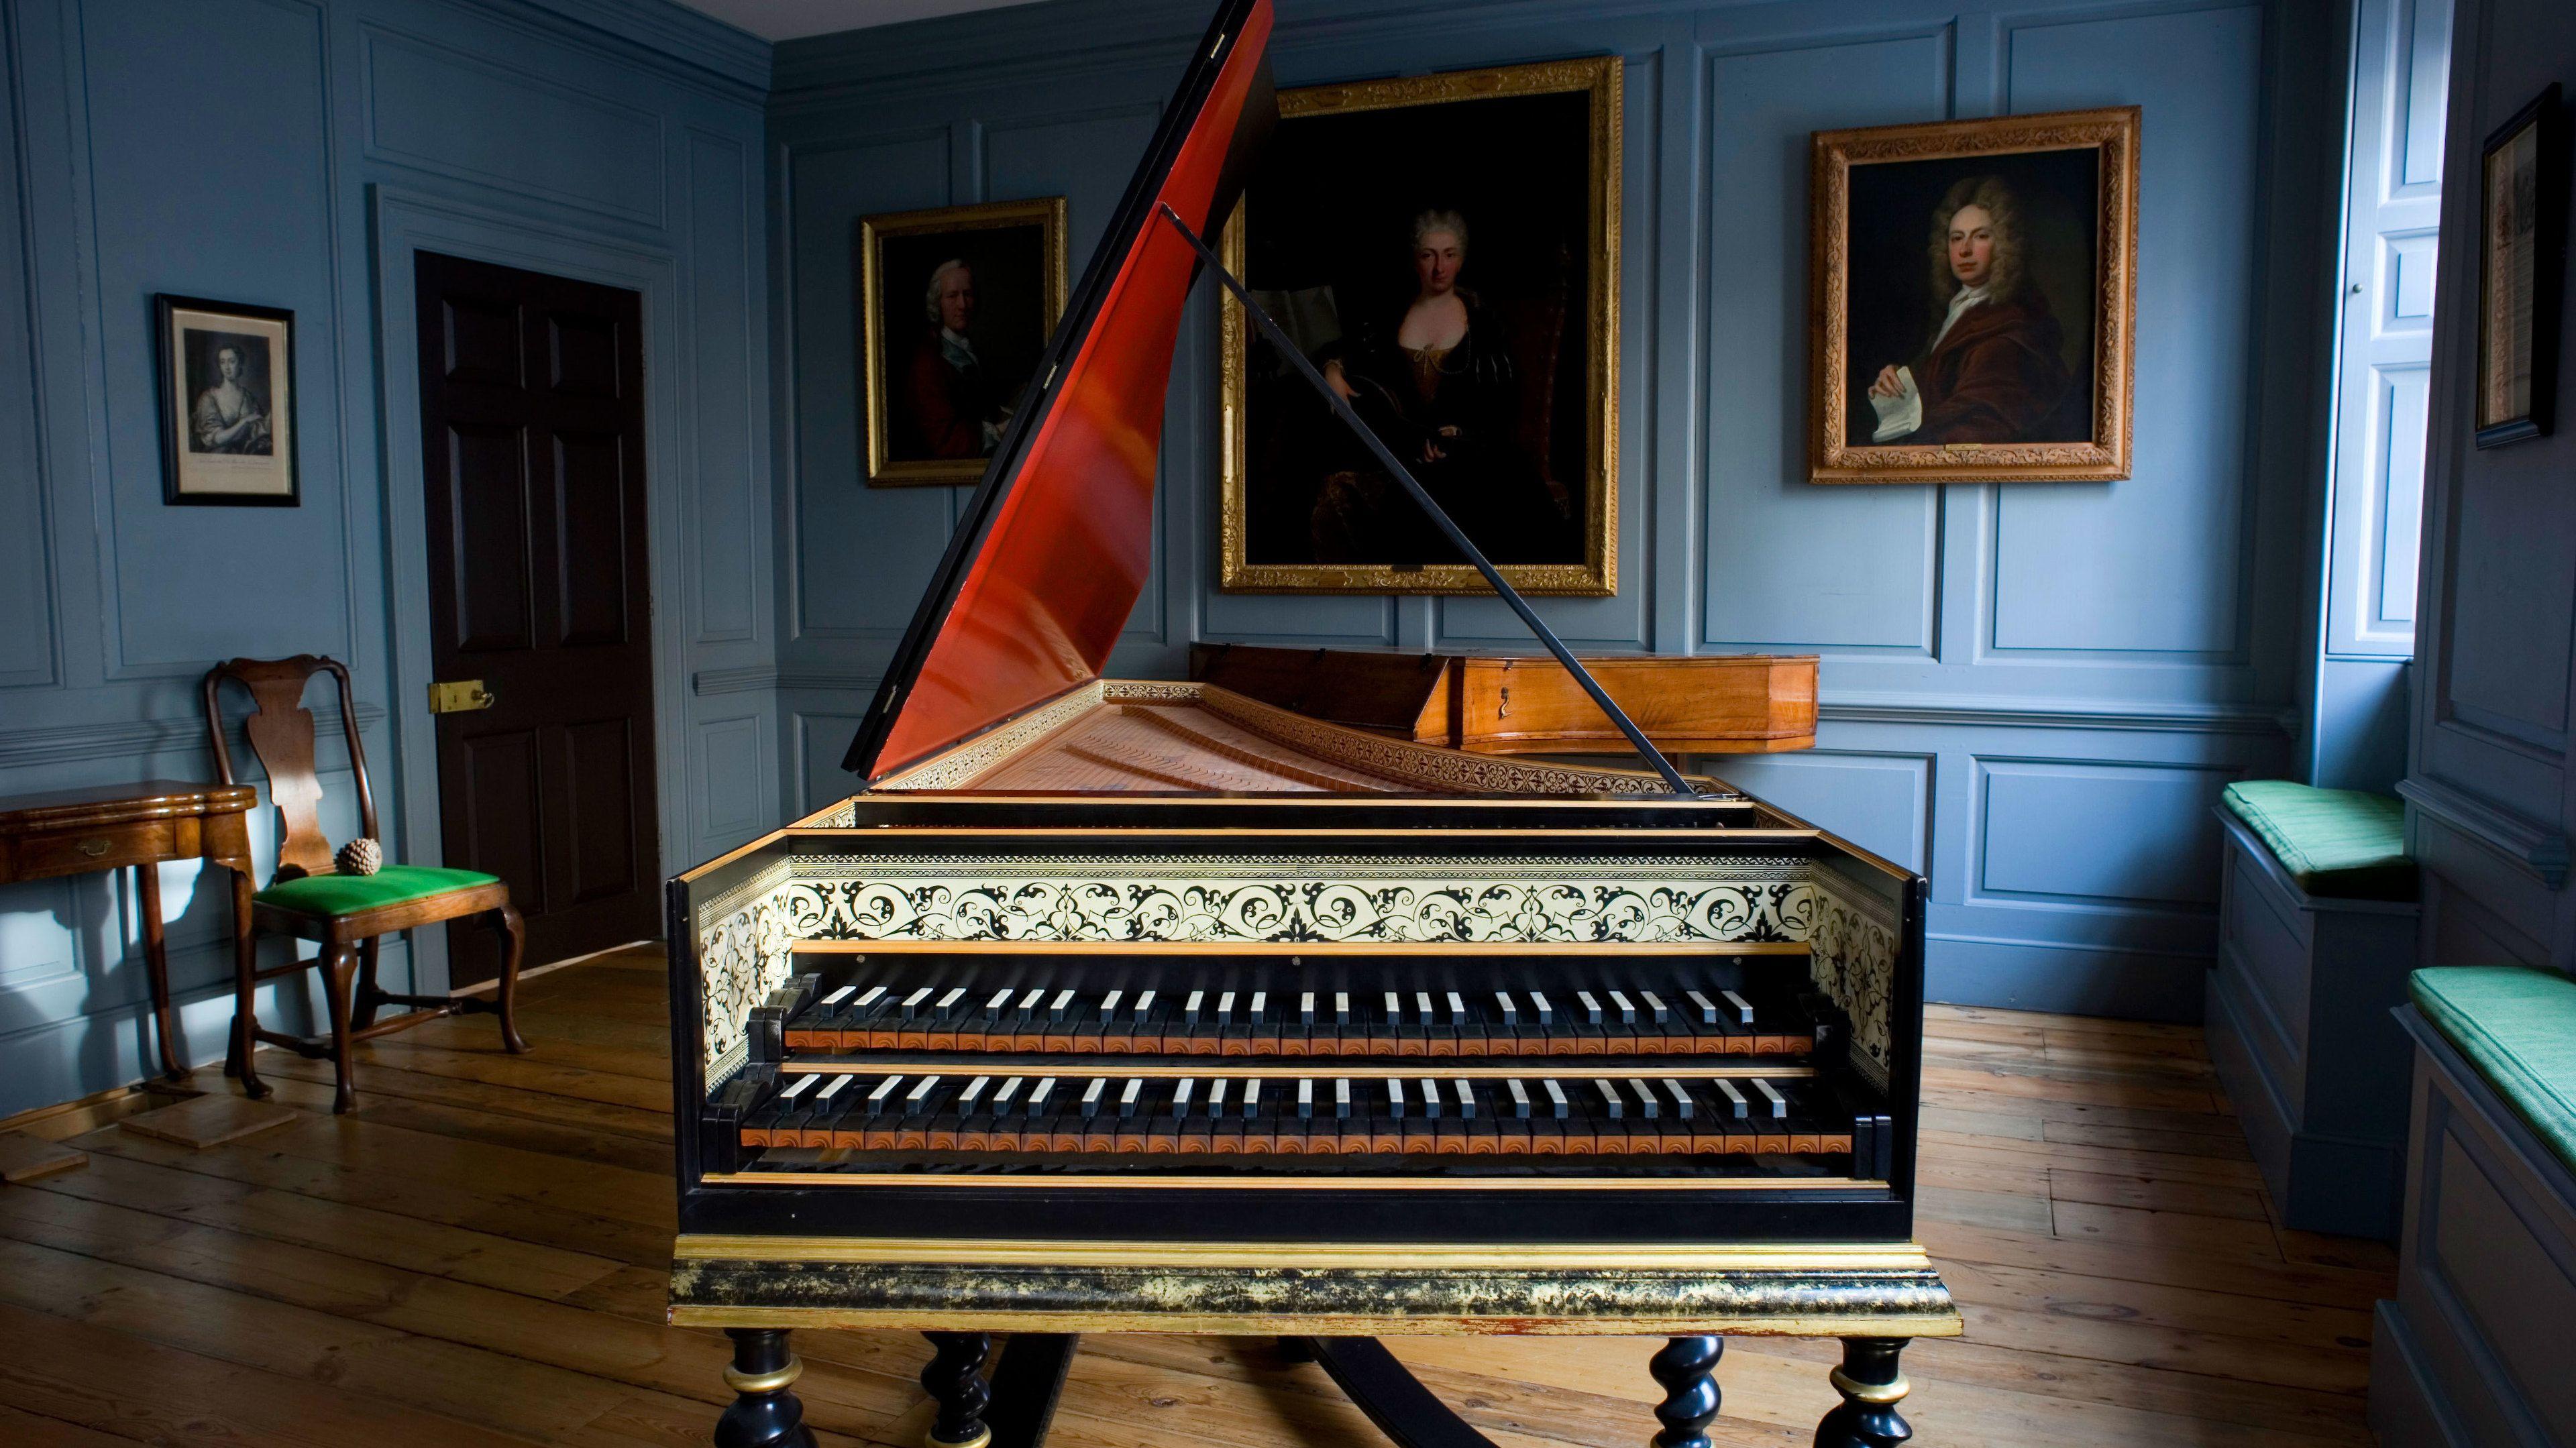 Handel's Piano